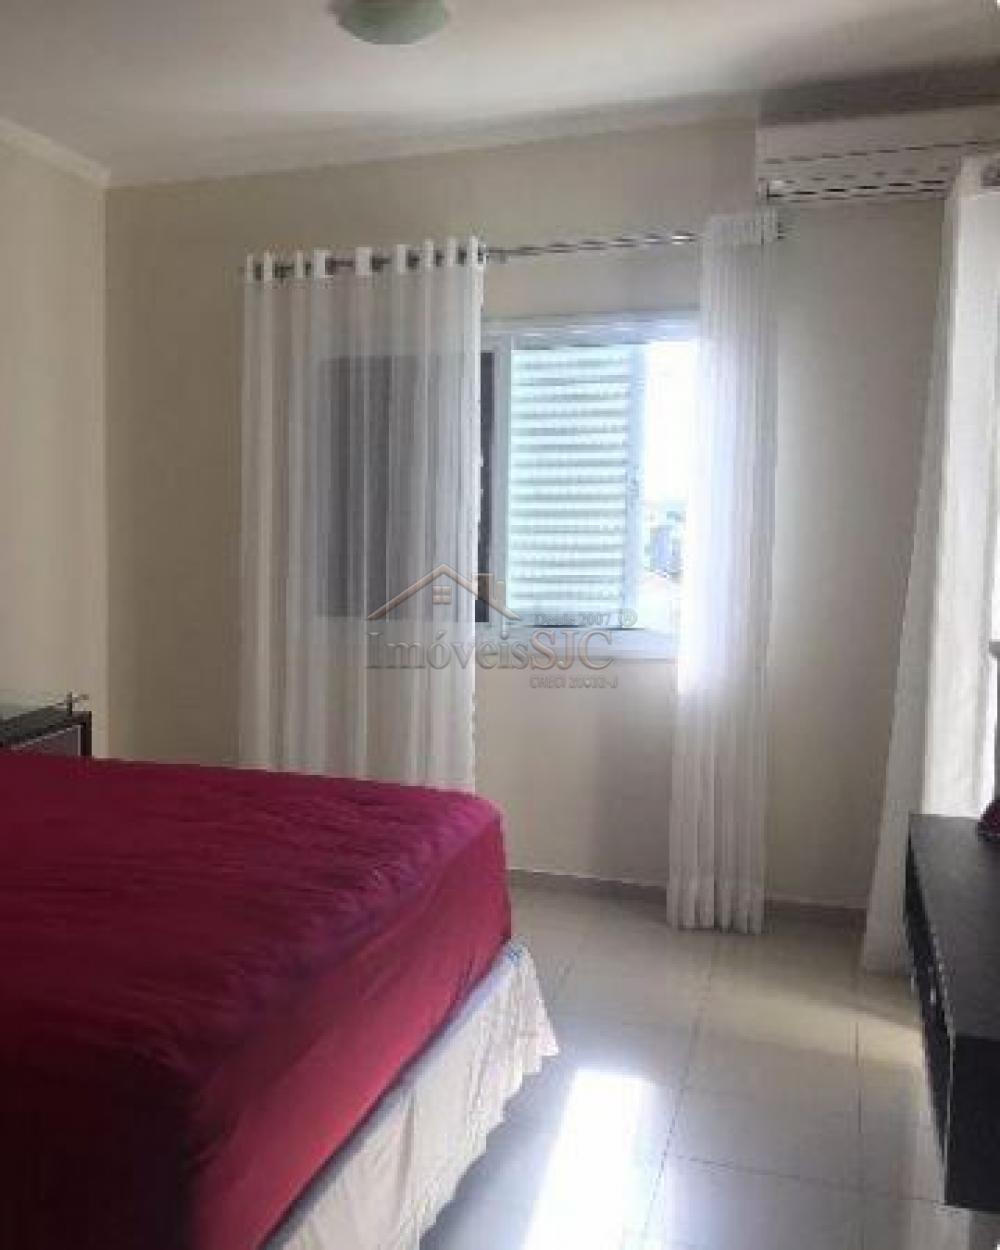 Comprar Casas / Condomínio em São José dos Campos apenas R$ 1.100.000,00 - Foto 9